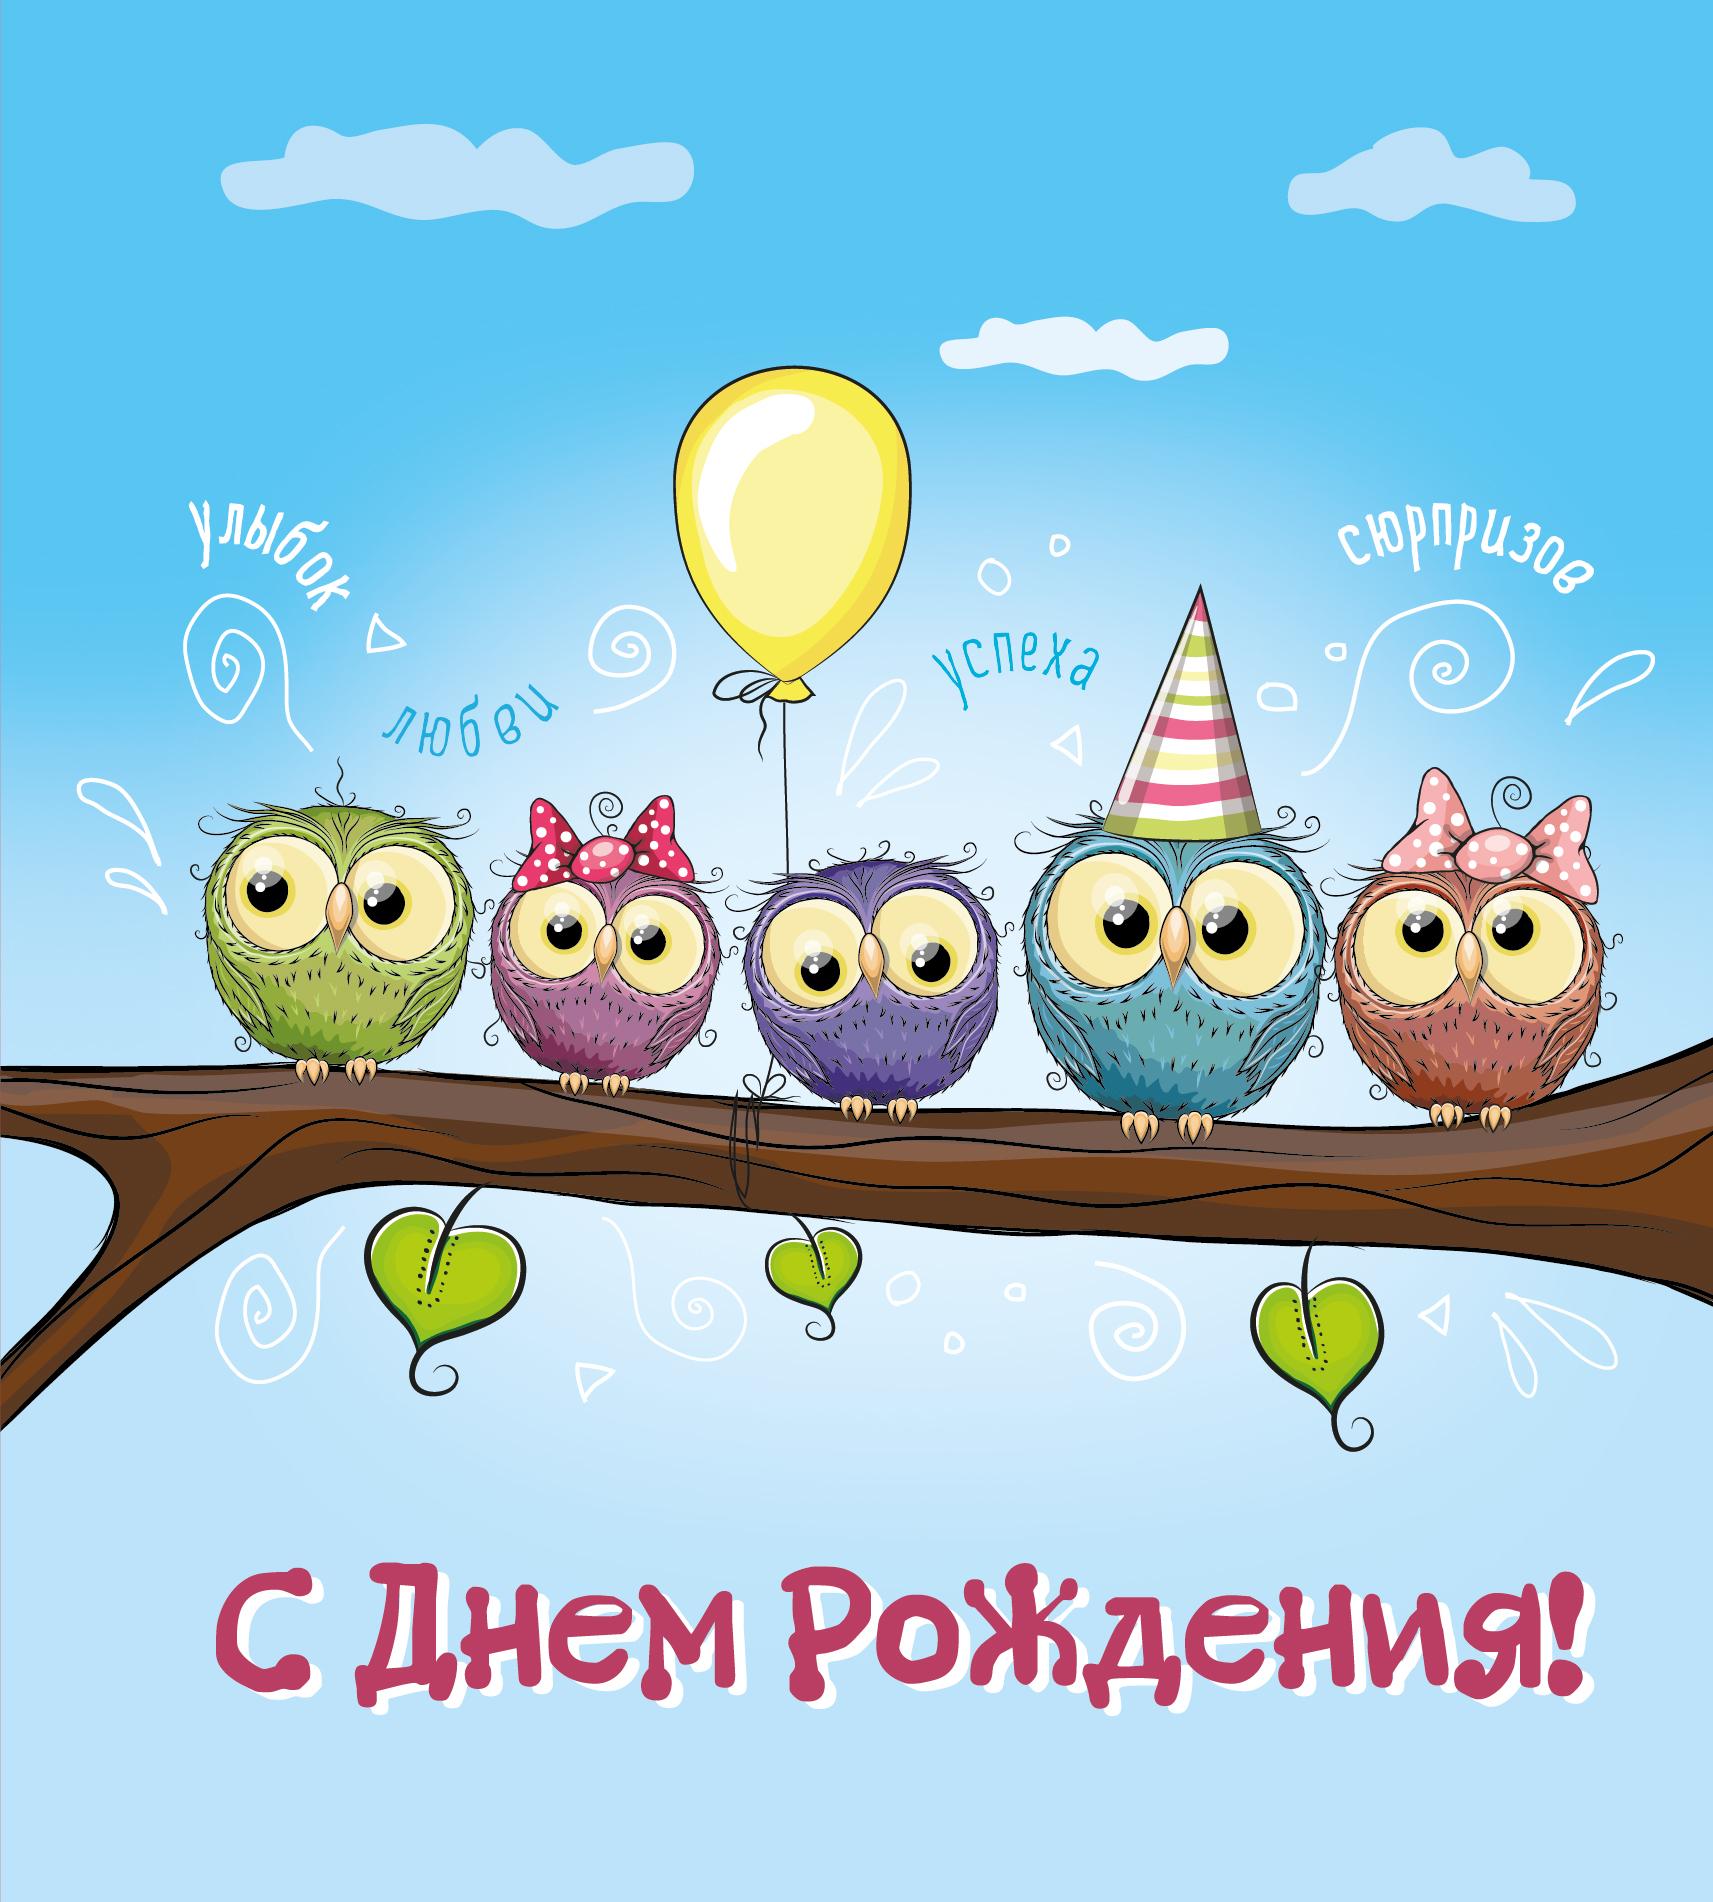 Поздравления с днем рождения девушке юморное6